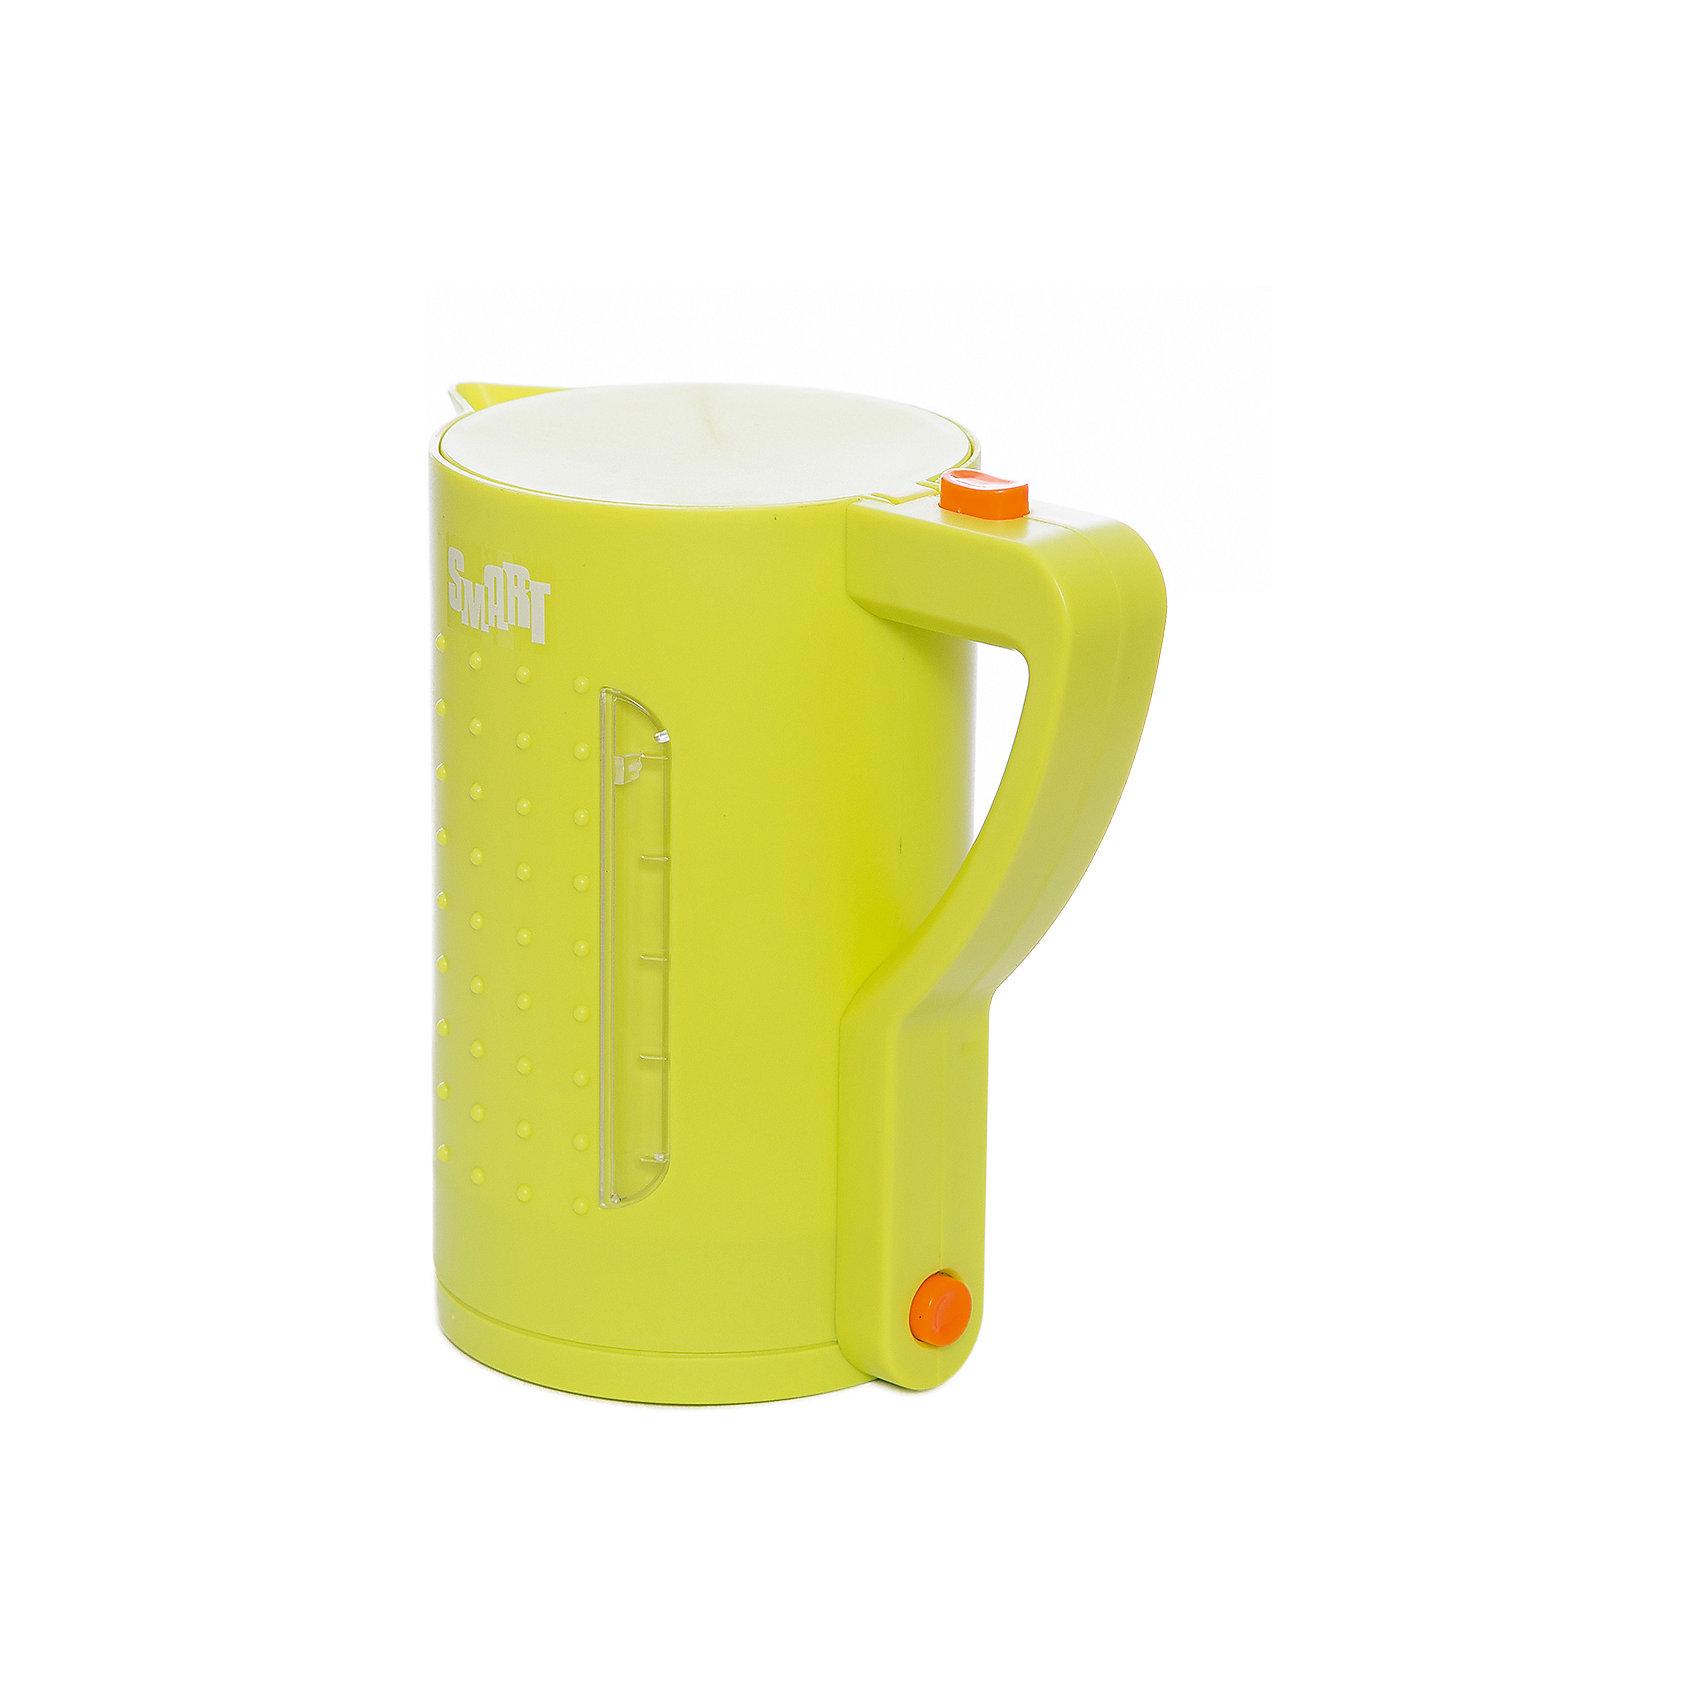 Чайник Smart, HTIИгрушечная бытовая техника<br>Чайник Smart, HTI.<br><br>Характеристика: <br><br>• Материал: пластик. <br>• Размер чайника: 15,5х18,5х11 см.<br>• Яркий привлекательный дизайн. <br>• Элемент питания: 2 АА батарейки (не входят в комплект). <br>• Световые и звуковые эффекты. <br>• Вода в игрушке не нагревается.<br><br>Яркий чайник Smart займет достойное место на любой игрушечной кухне! Все детали игрушки прекрасно проработаны и выглядят очень реалистично. При включении чайника загорается подсветка и раздается звук закипающей воды. Звуковые и световые эффекты сделают игры девочки еще интереснее и увлекательнее. Чайник изготовлен из высококачественного прочного пластика безопасного для детей.<br><br>Чайник Smart, HTI, можно купить в нашем интернет-магазине.<br><br>Ширина мм: 185<br>Глубина мм: 155<br>Высота мм: 105<br>Вес г: 268<br>Возраст от месяцев: 36<br>Возраст до месяцев: 168<br>Пол: Женский<br>Возраст: Детский<br>SKU: 5366532